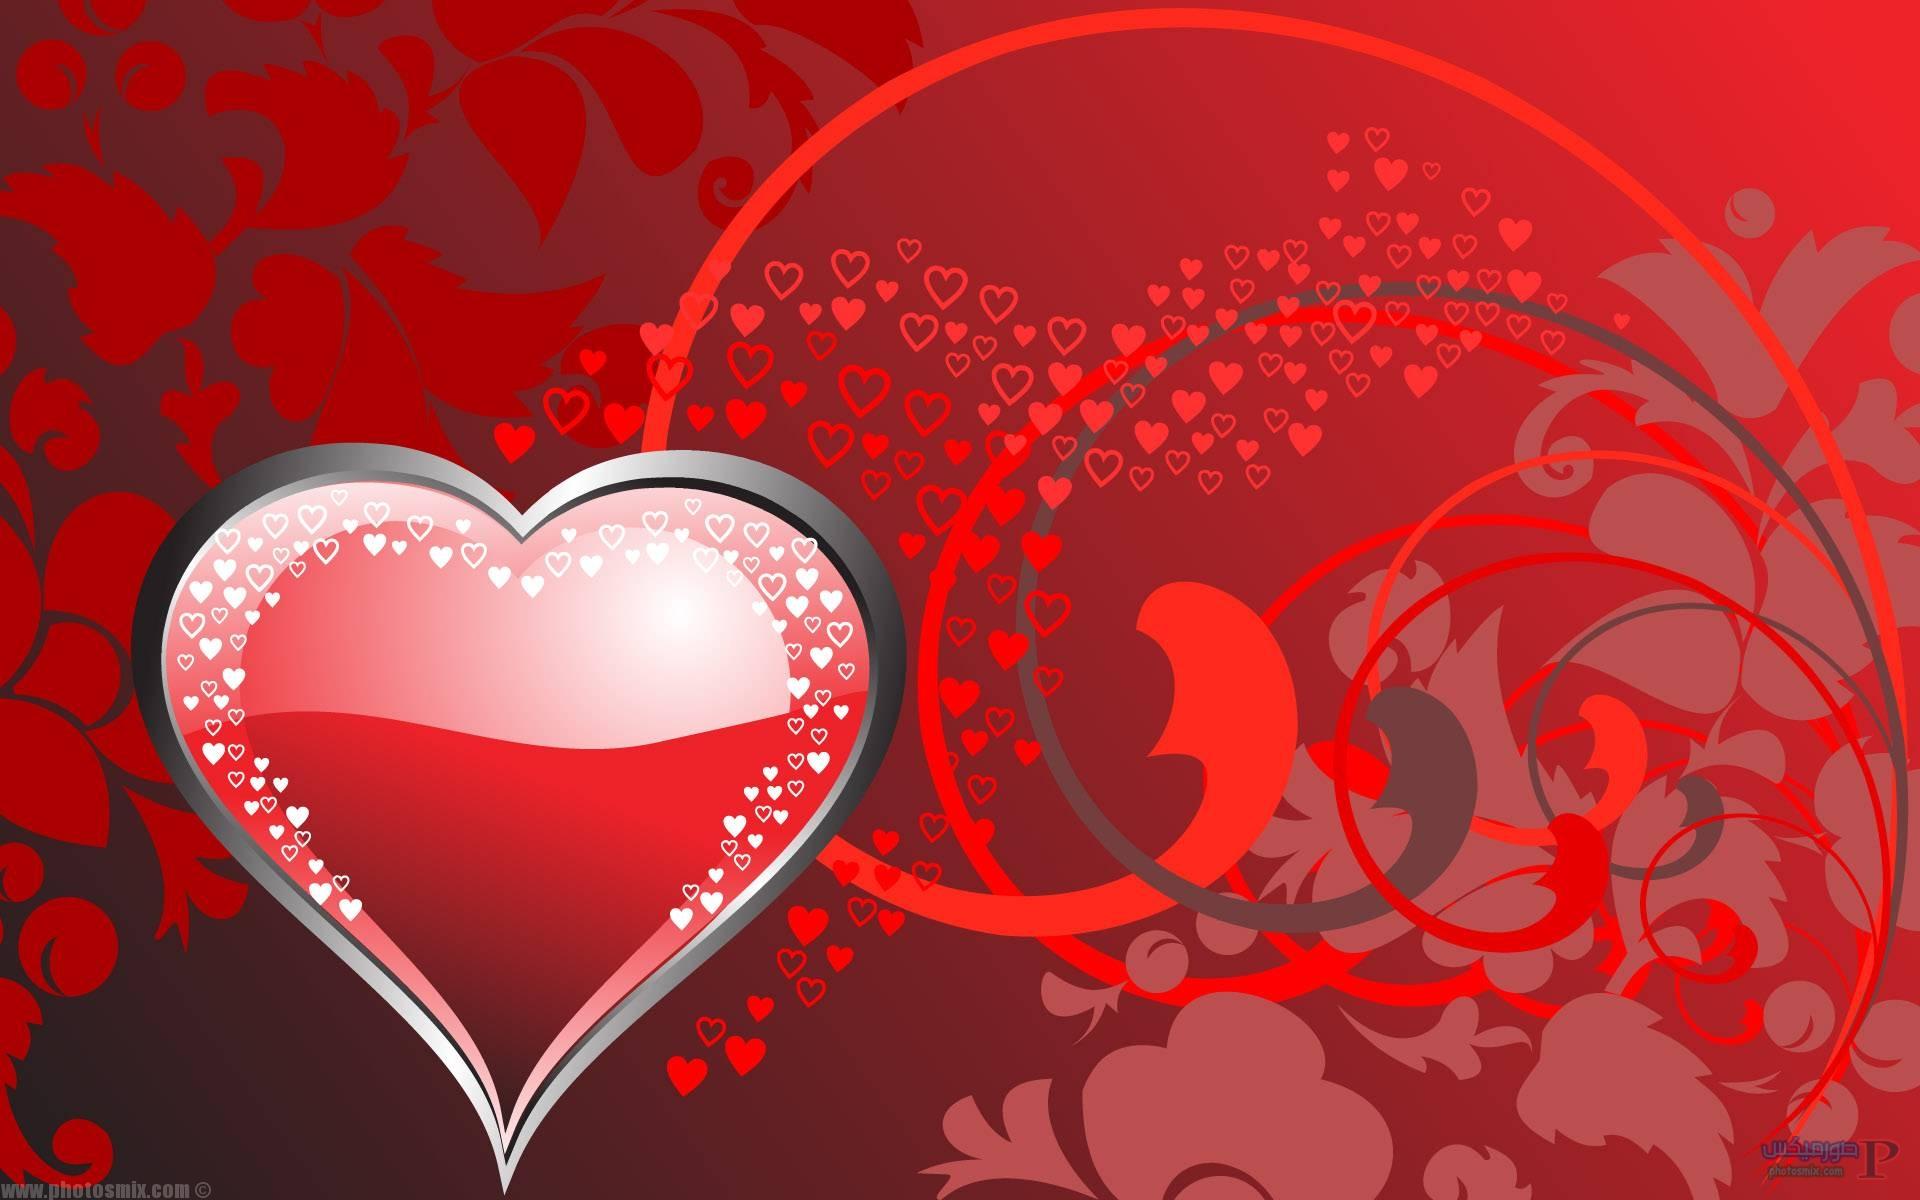 قلوب رمانسية 10